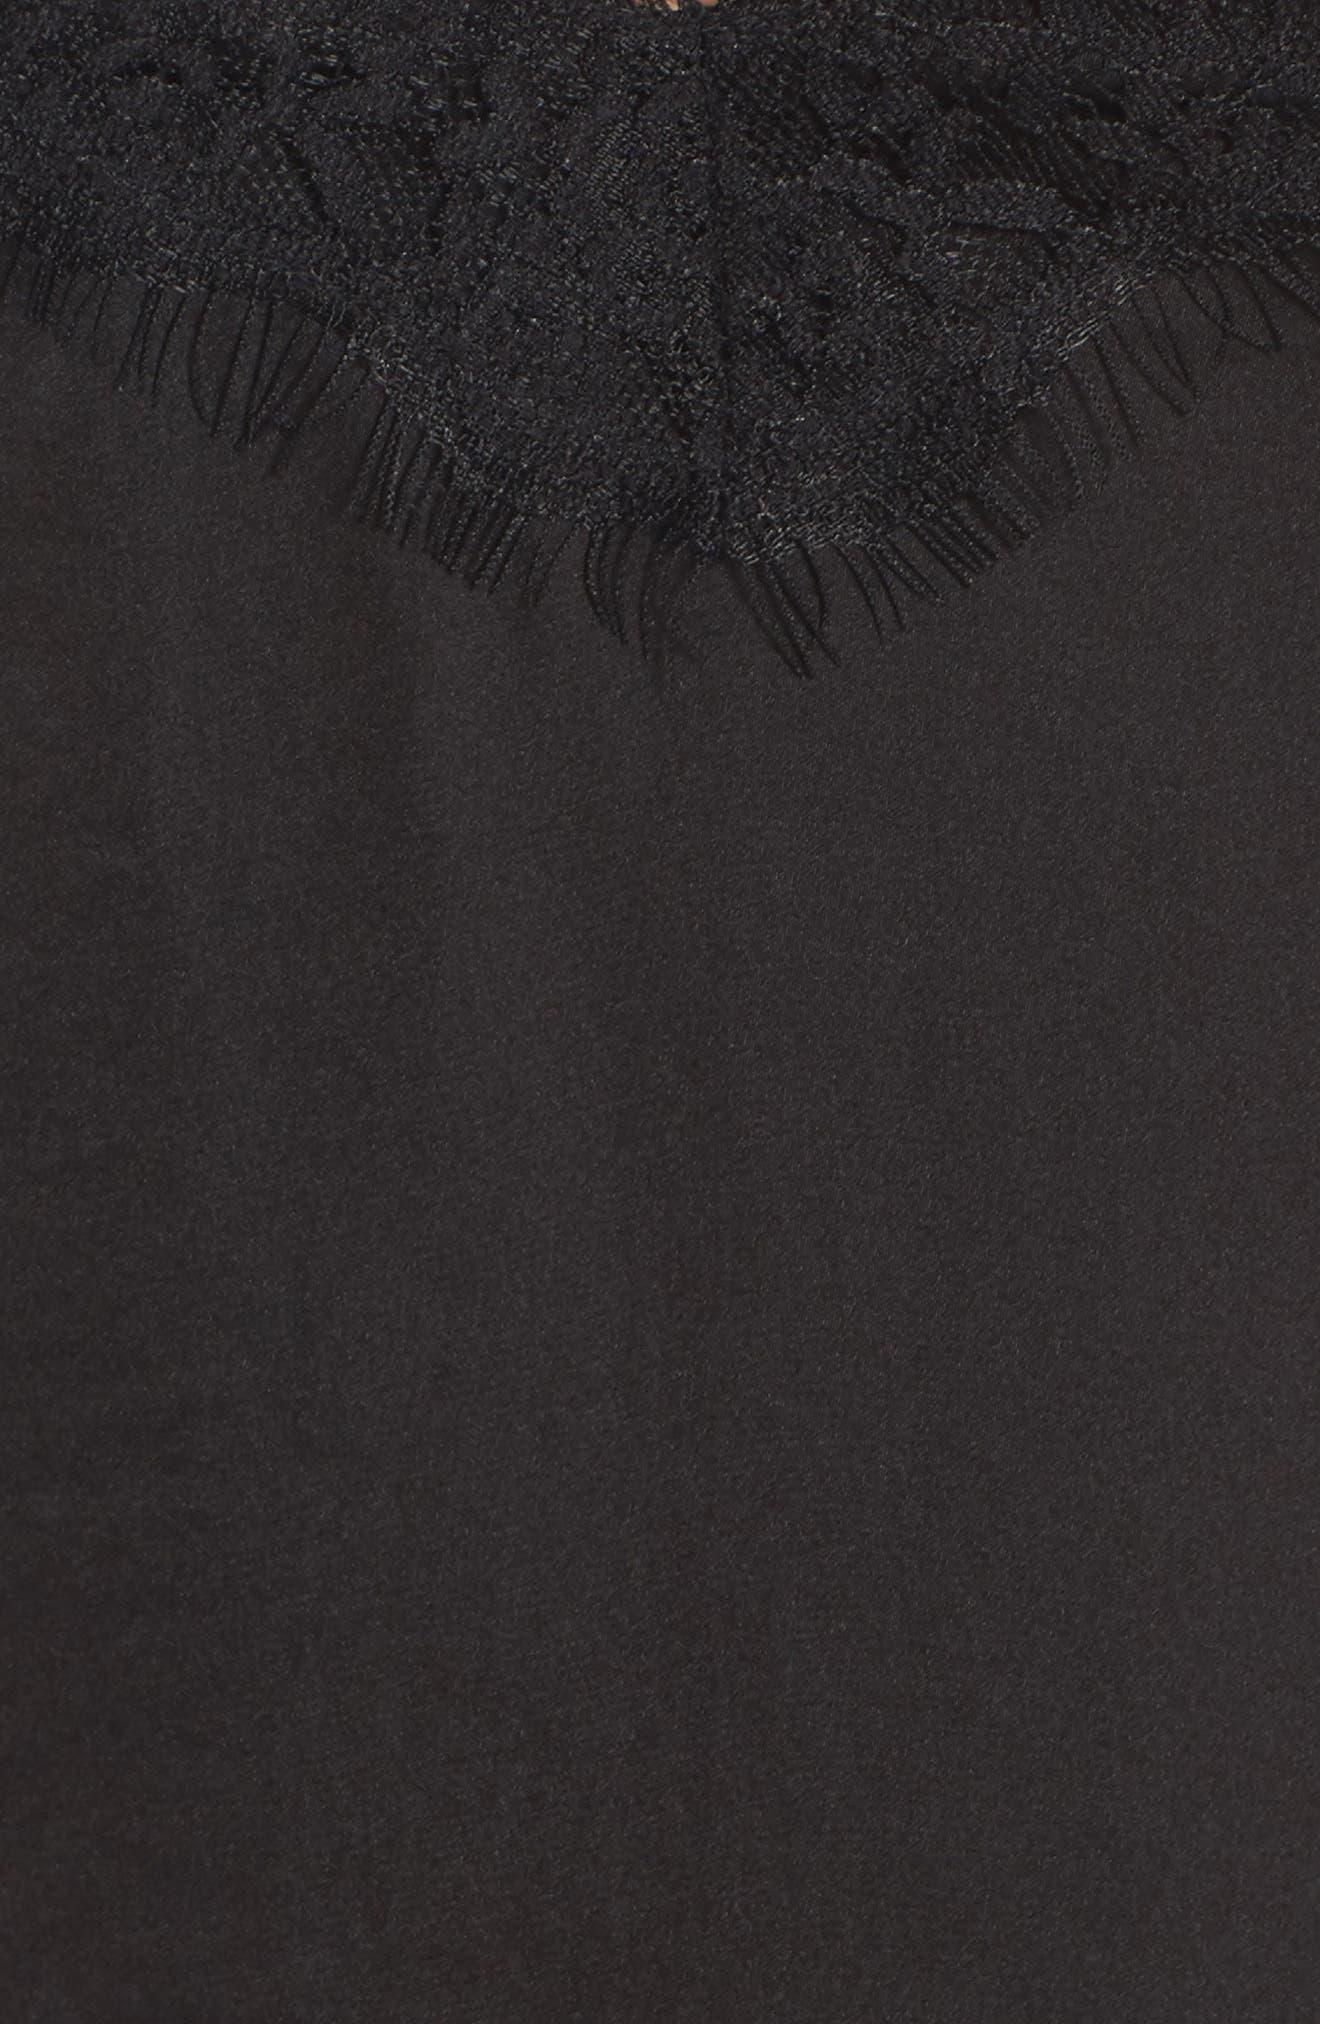 Lace Trim Satin Camisole,                             Alternate thumbnail 6, color,                             BLACK